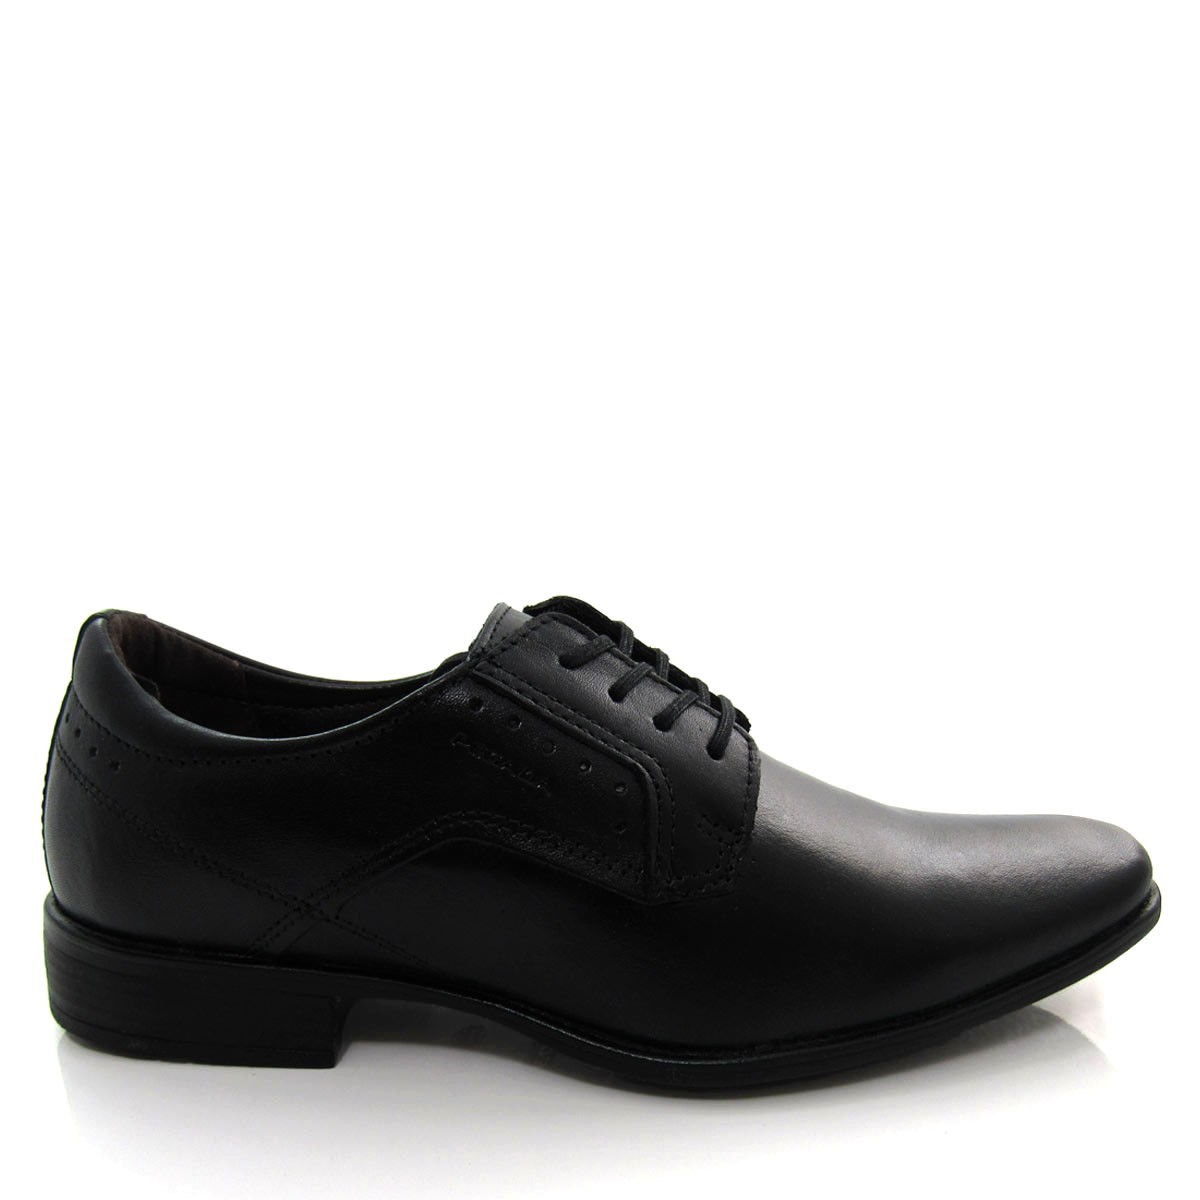 d450bd268 Sapato Social Masculino Pegada 22063 com Cadarço em Couro Coleção 2018